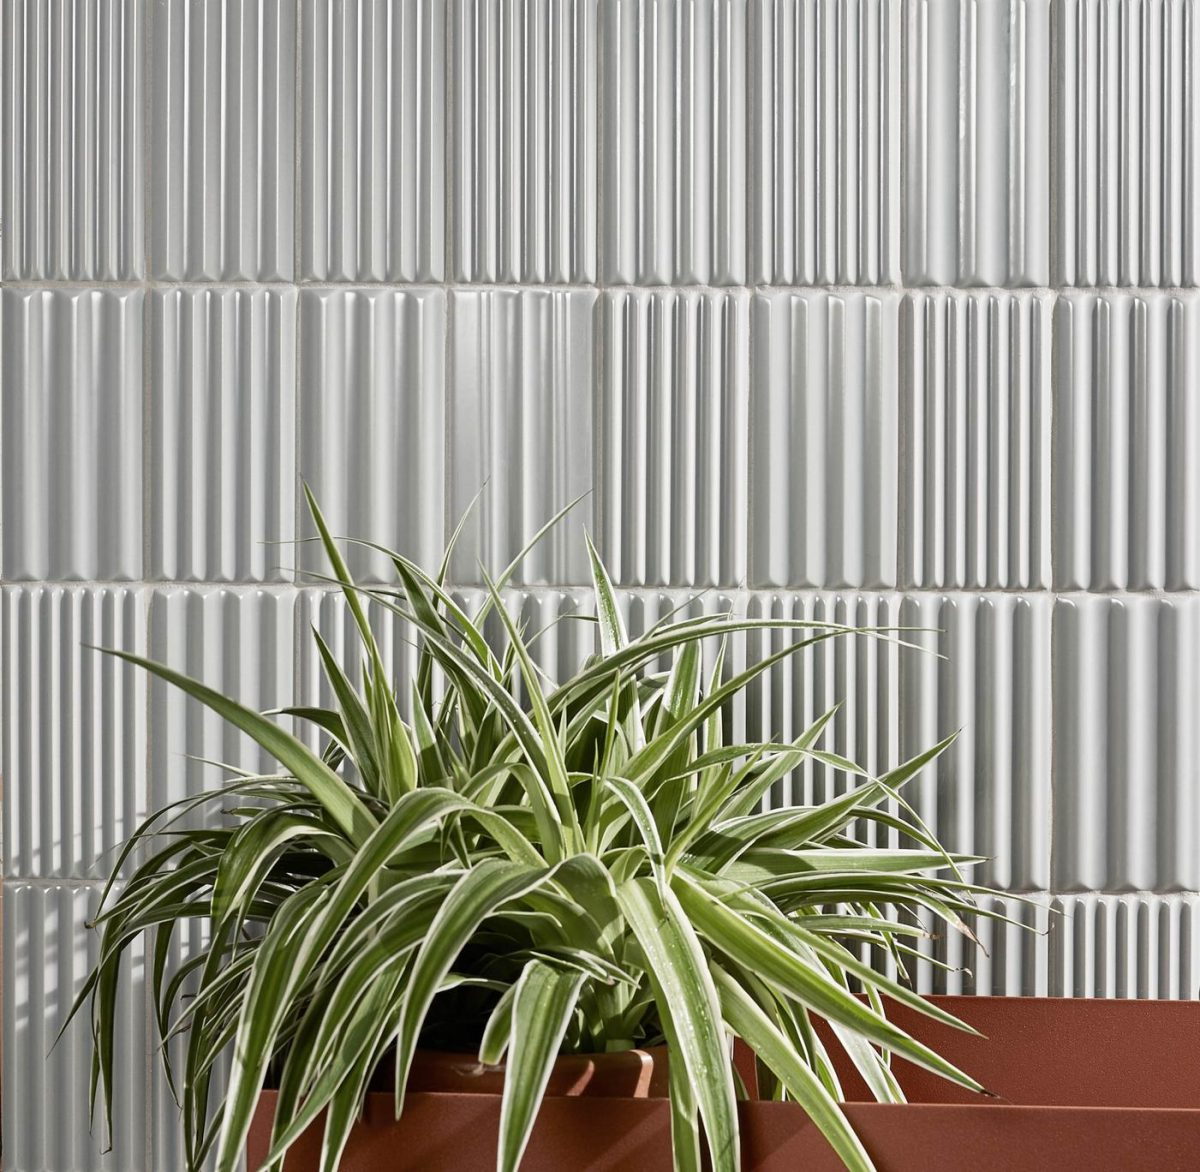 Płytki strukturalne doskonale odnajdują się w minimalistycznych wnętrzach | źródło: 41zero42